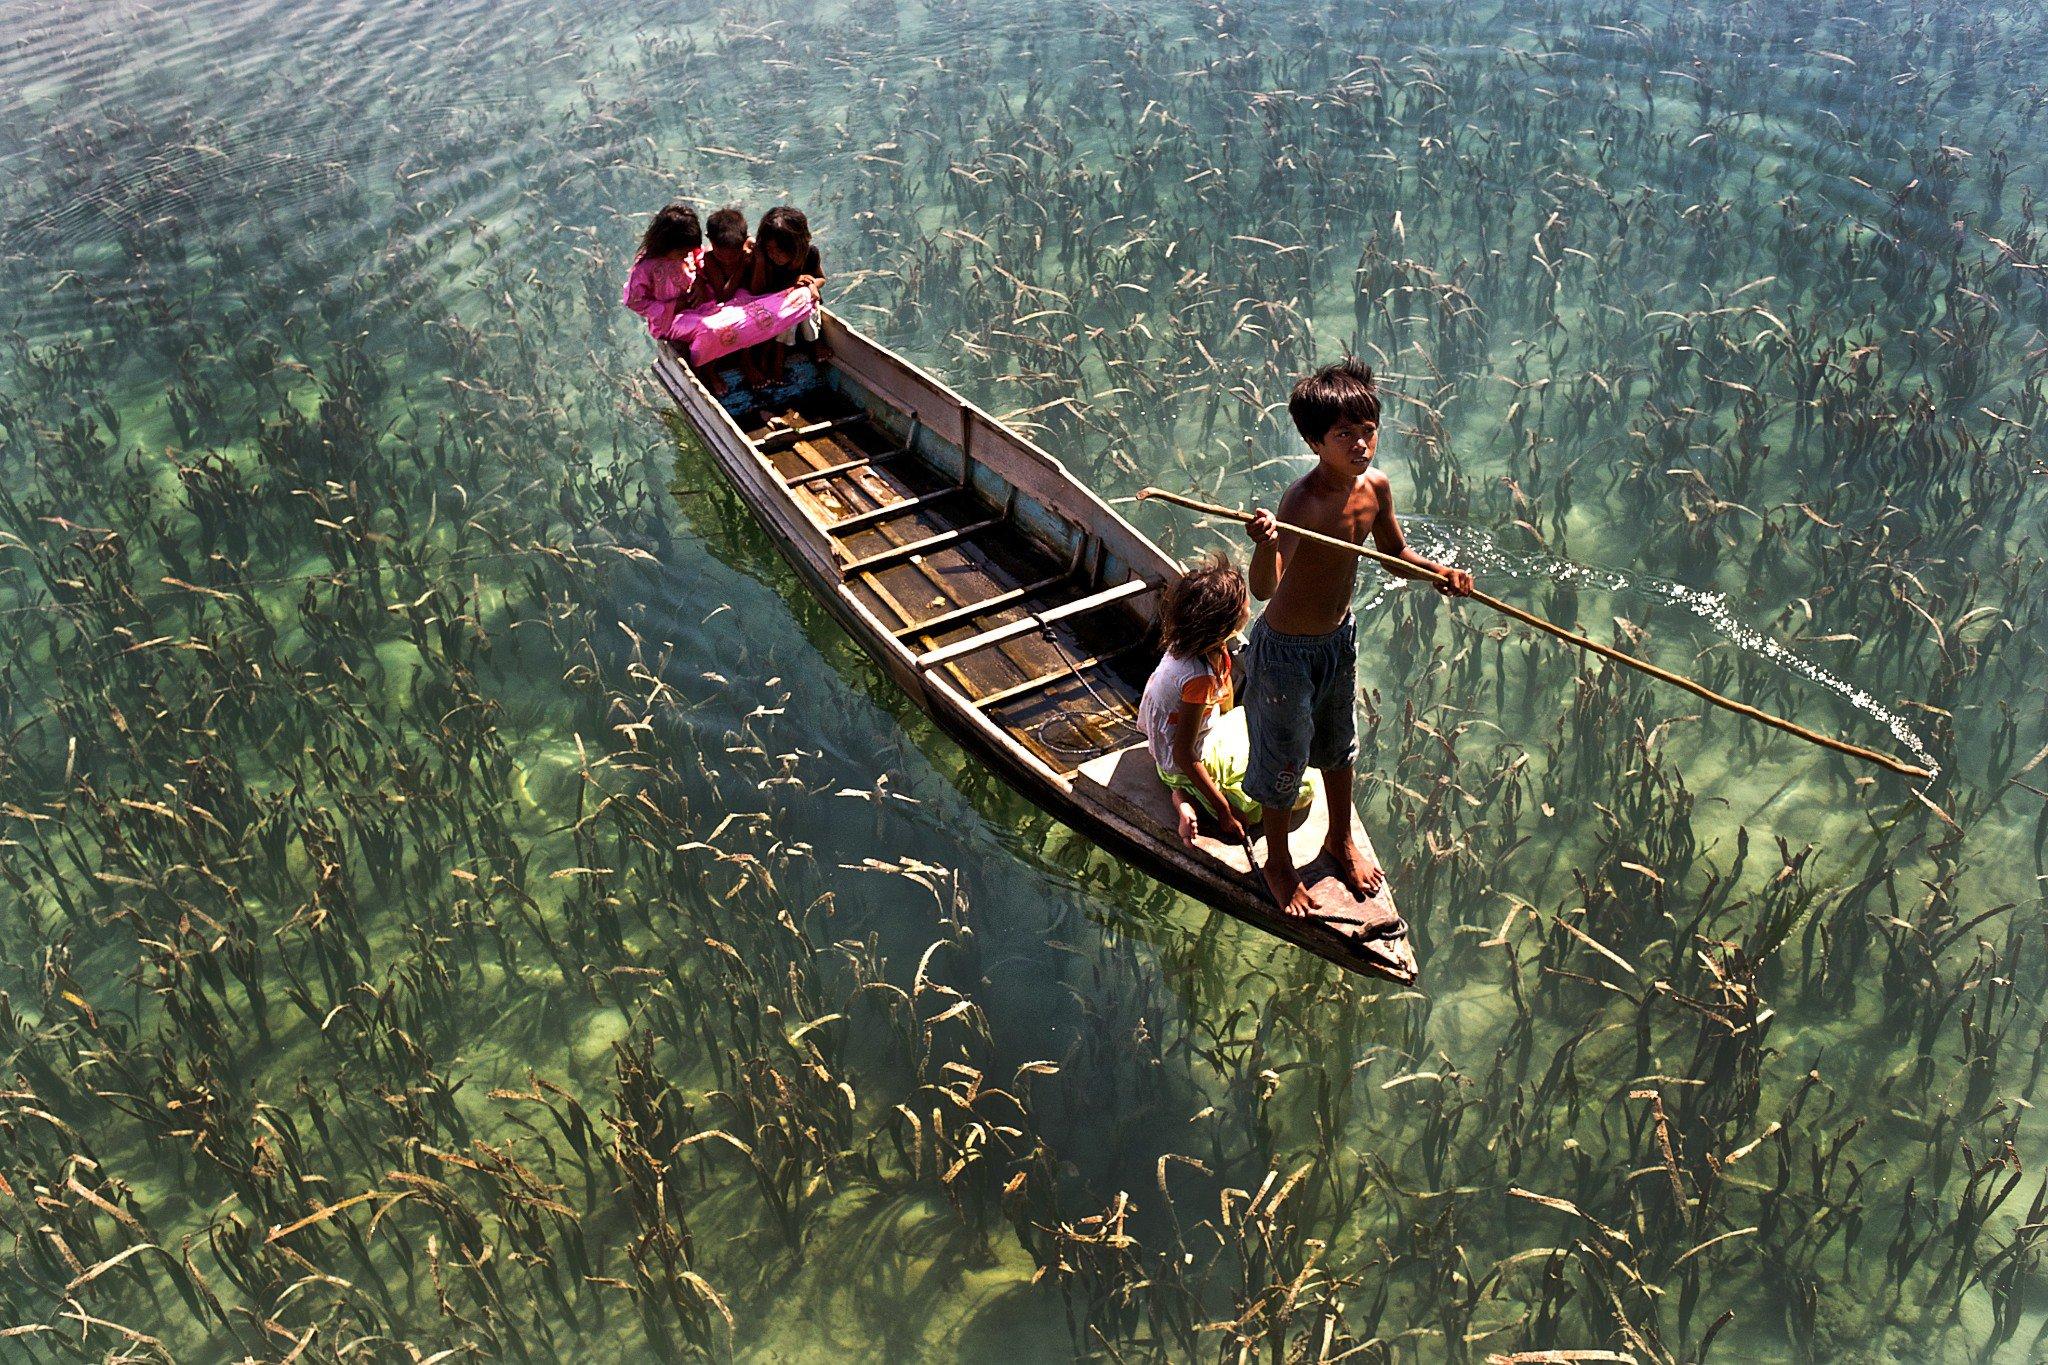 лодка на очень прозрачной воде